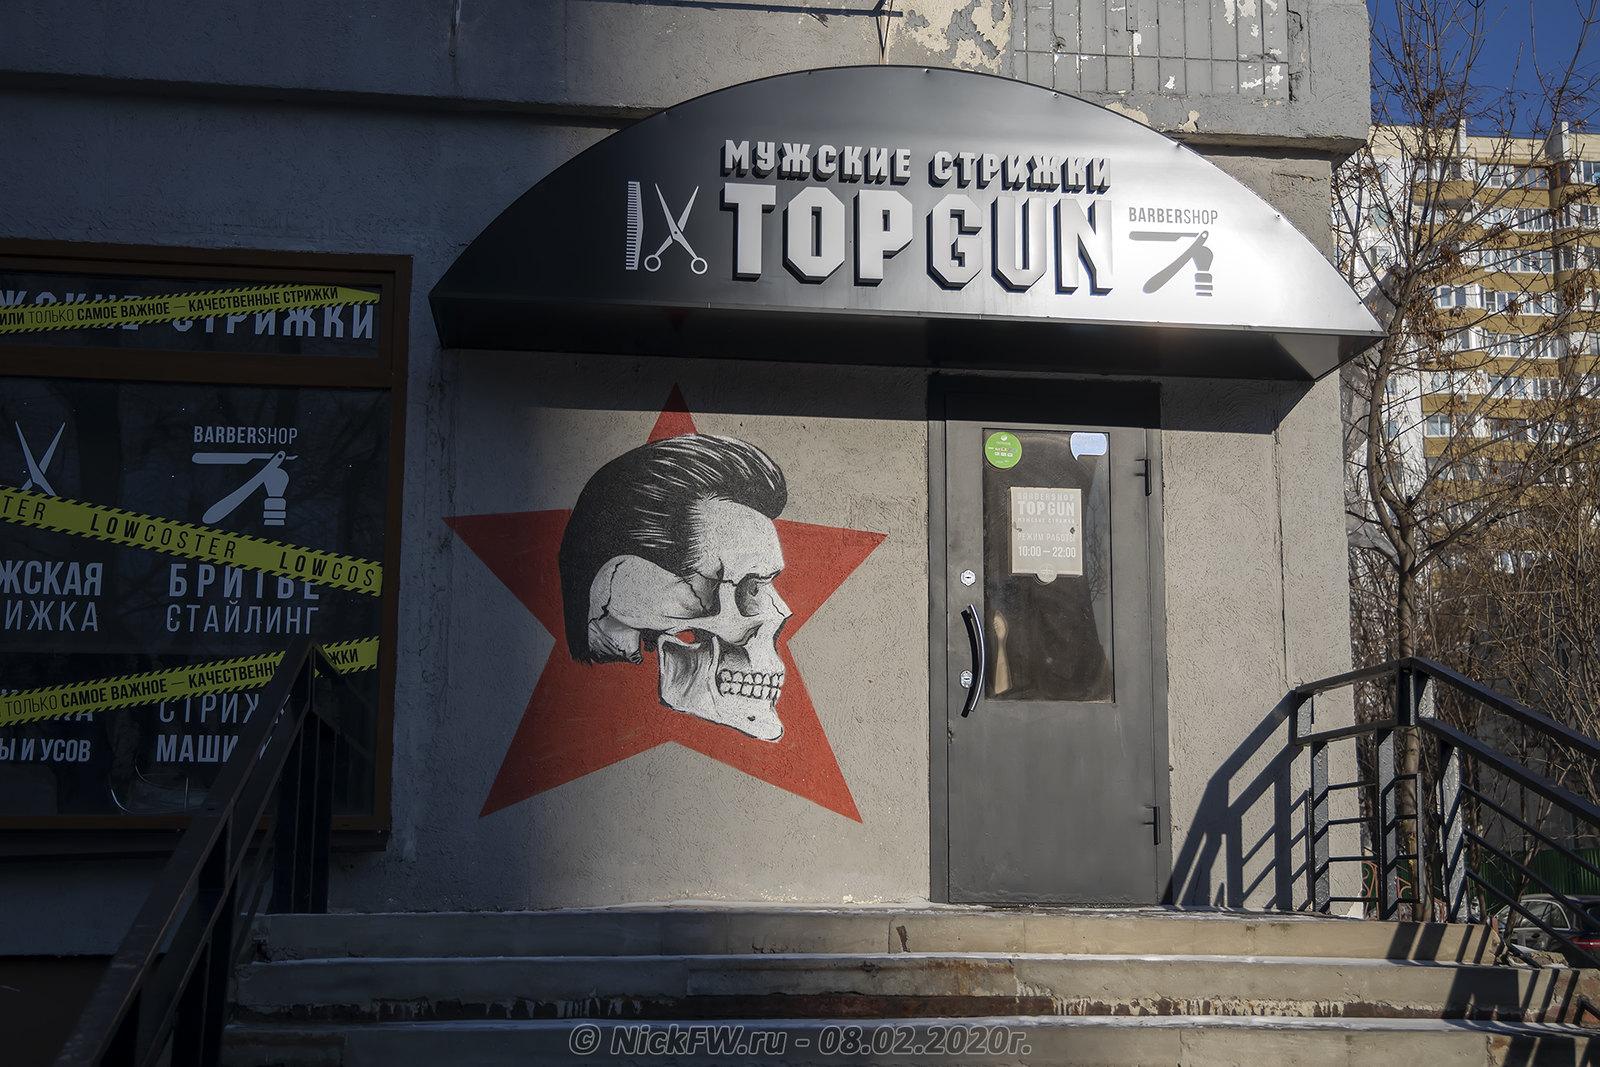 2. Оформление барбершопа в Люблино © NickFW.ru - 08.02.2020г.